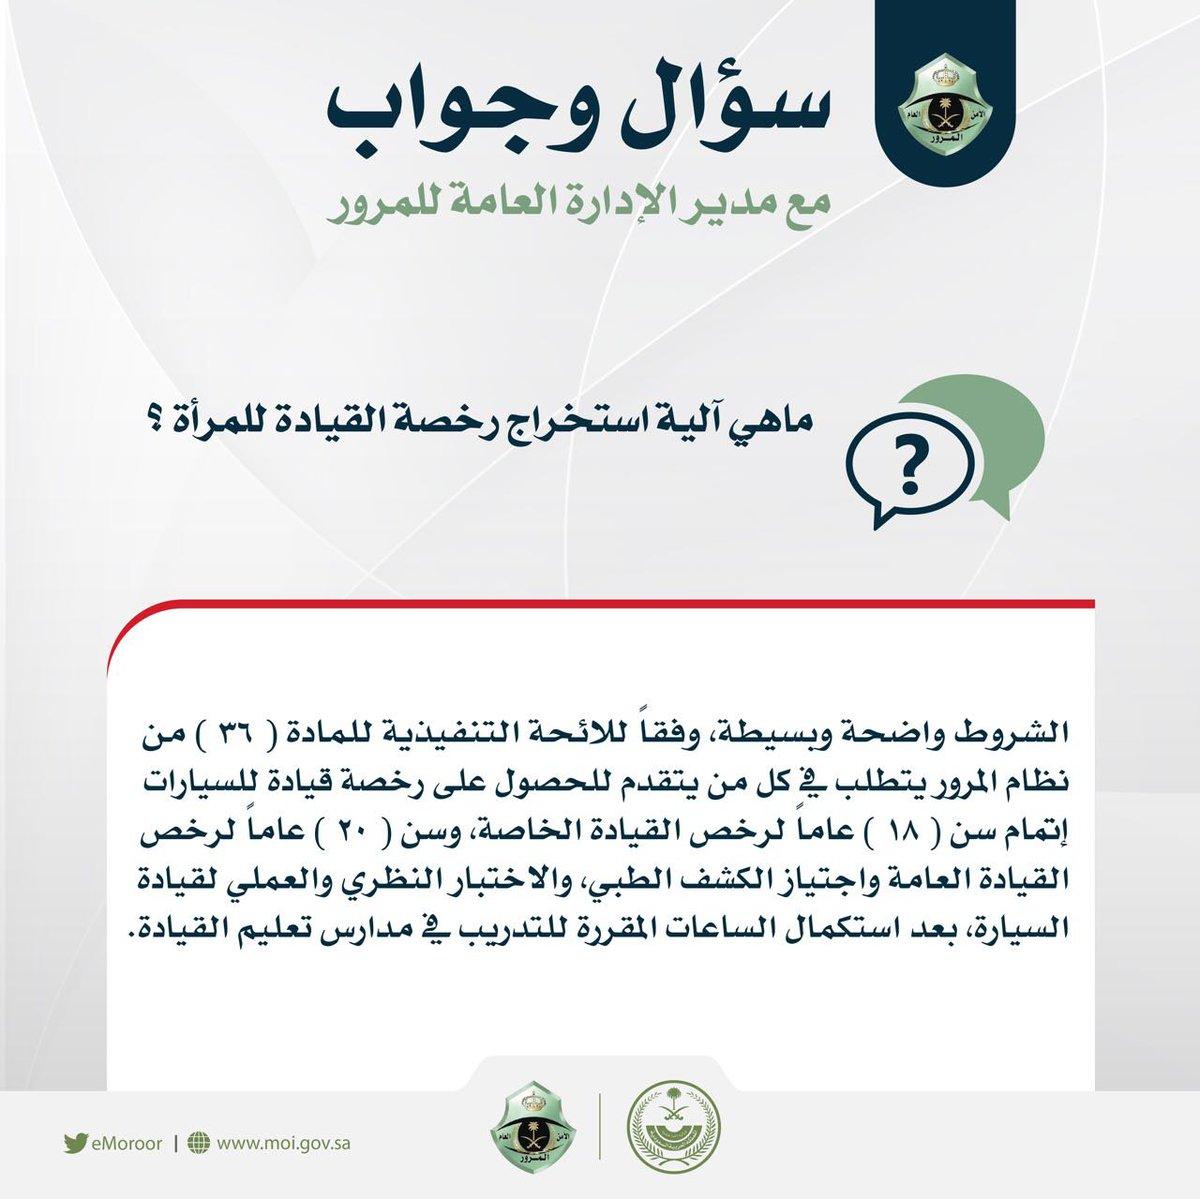 المرور السعودي No Twitter المرور سؤال وجواب ماهي آلية استخراج رخصة القيادة للمرأة